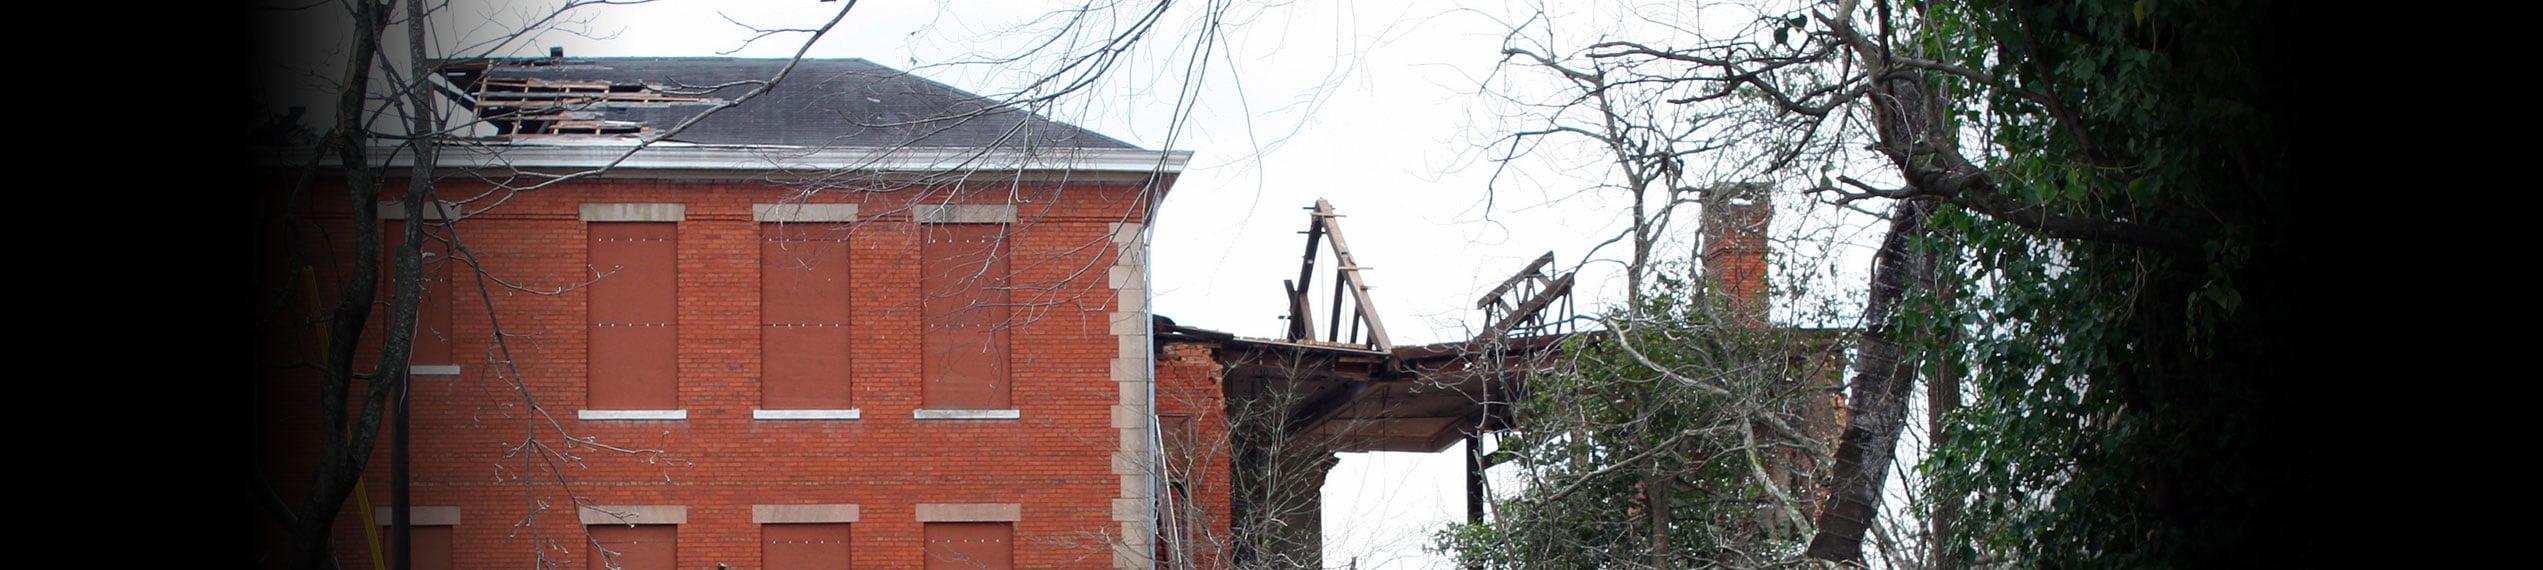 Wind & Storm Damage Repairs in Paul Davis Restoration & Remodeling of Elizabethtown